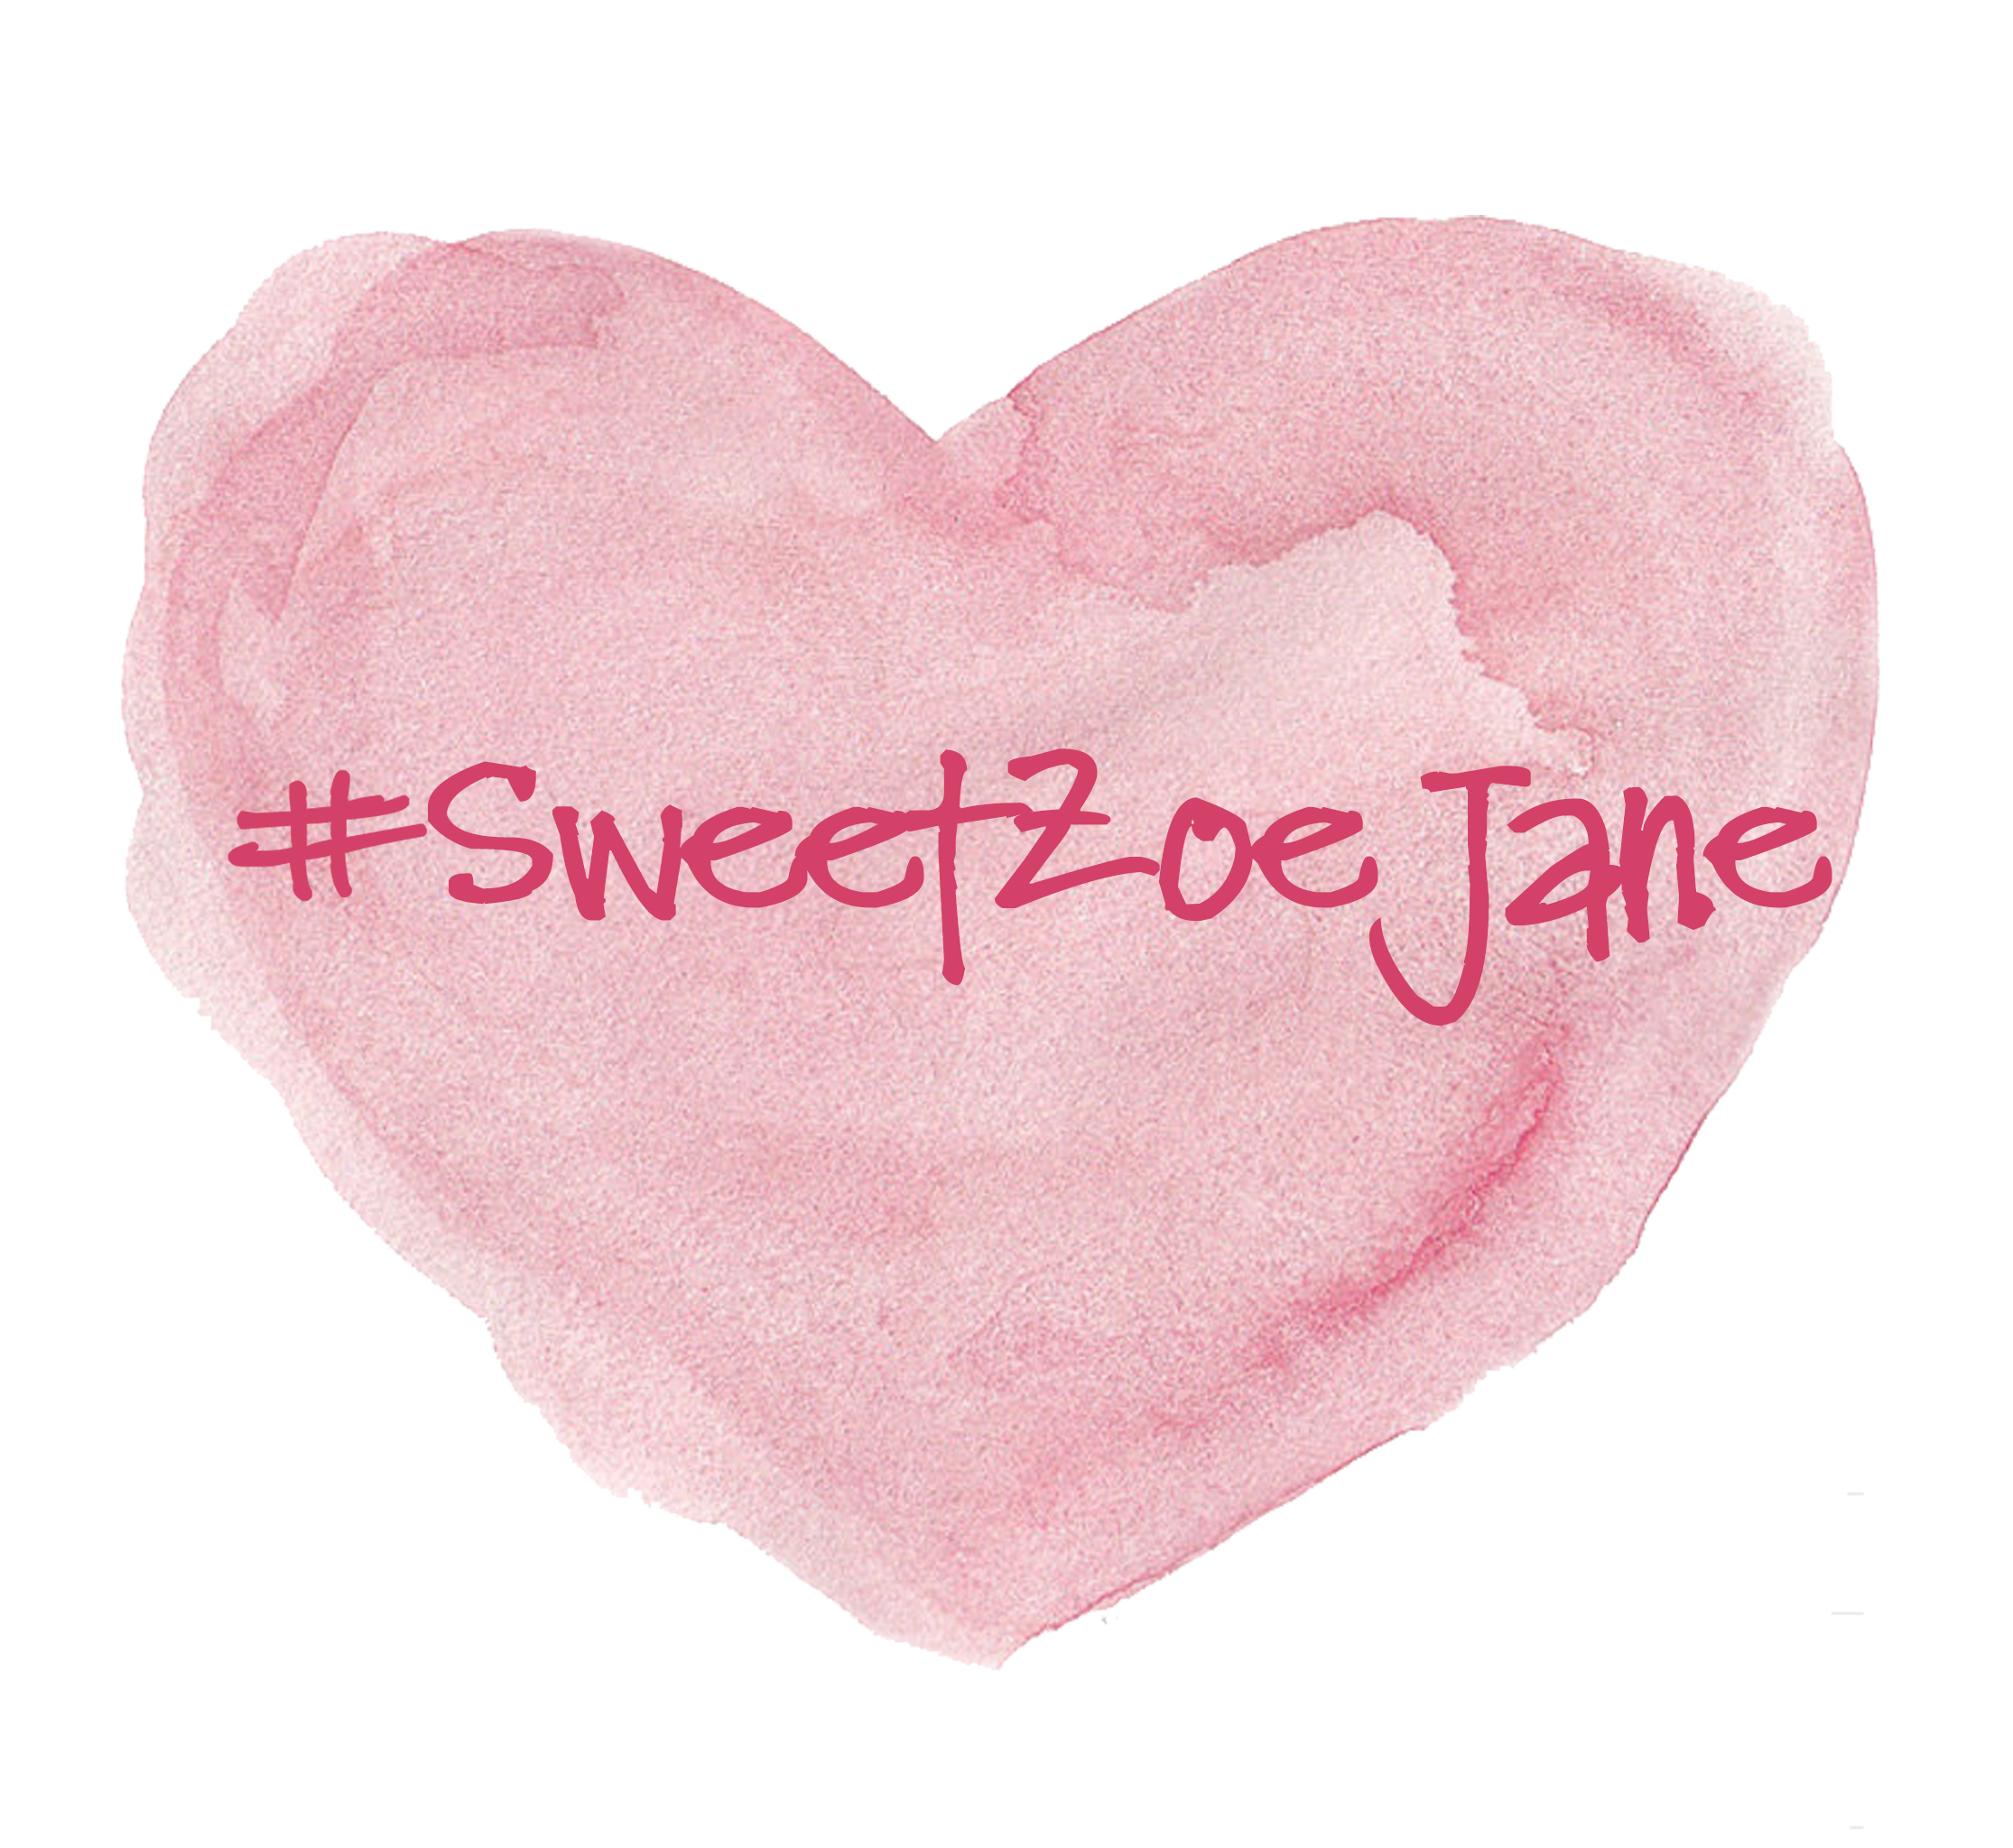 Sweet Zoe Jane